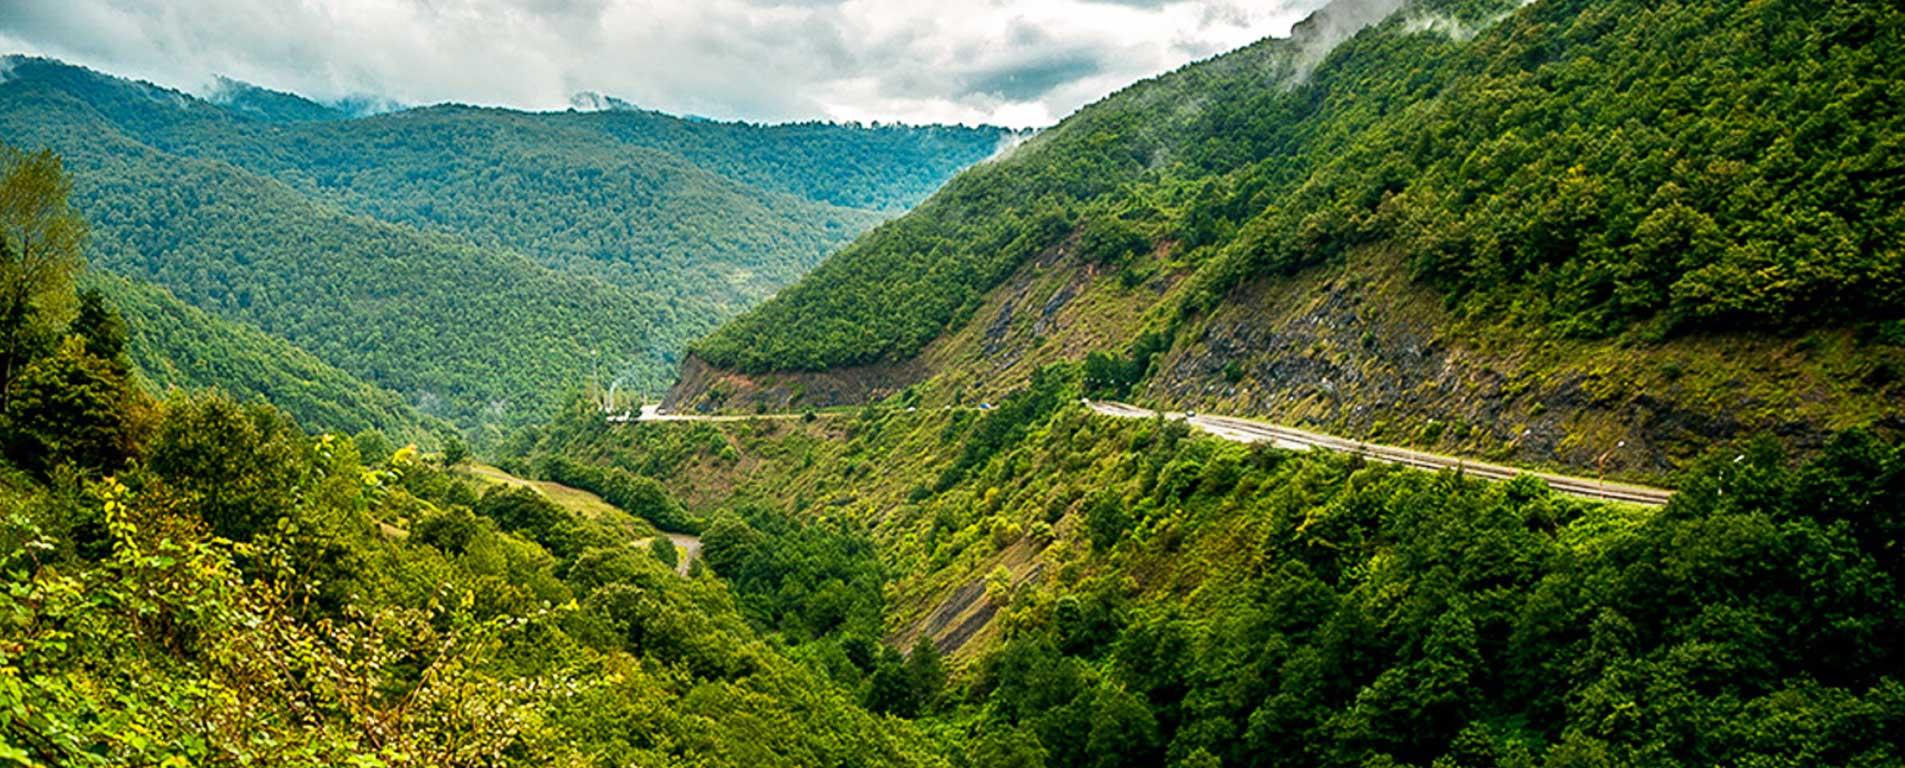 زیباترین جاده های ایران ،گشت و گذار در خیالیترین مسیرهای کشور